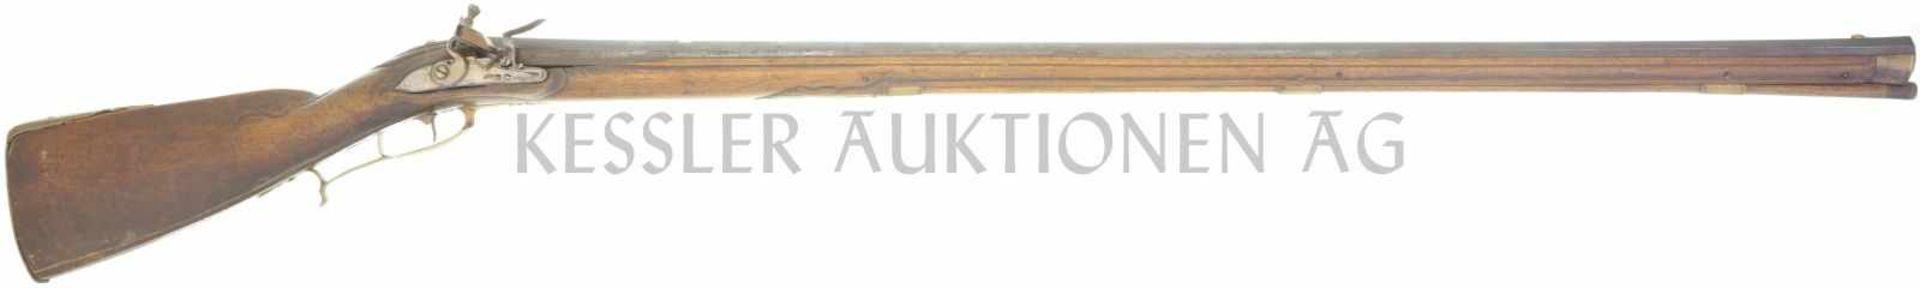 Steinschlossstutzer, kant. Ordonnanz um 1730, kal. 17,6mm LL 1120mm, TL 1490mm, schwerer gezogener